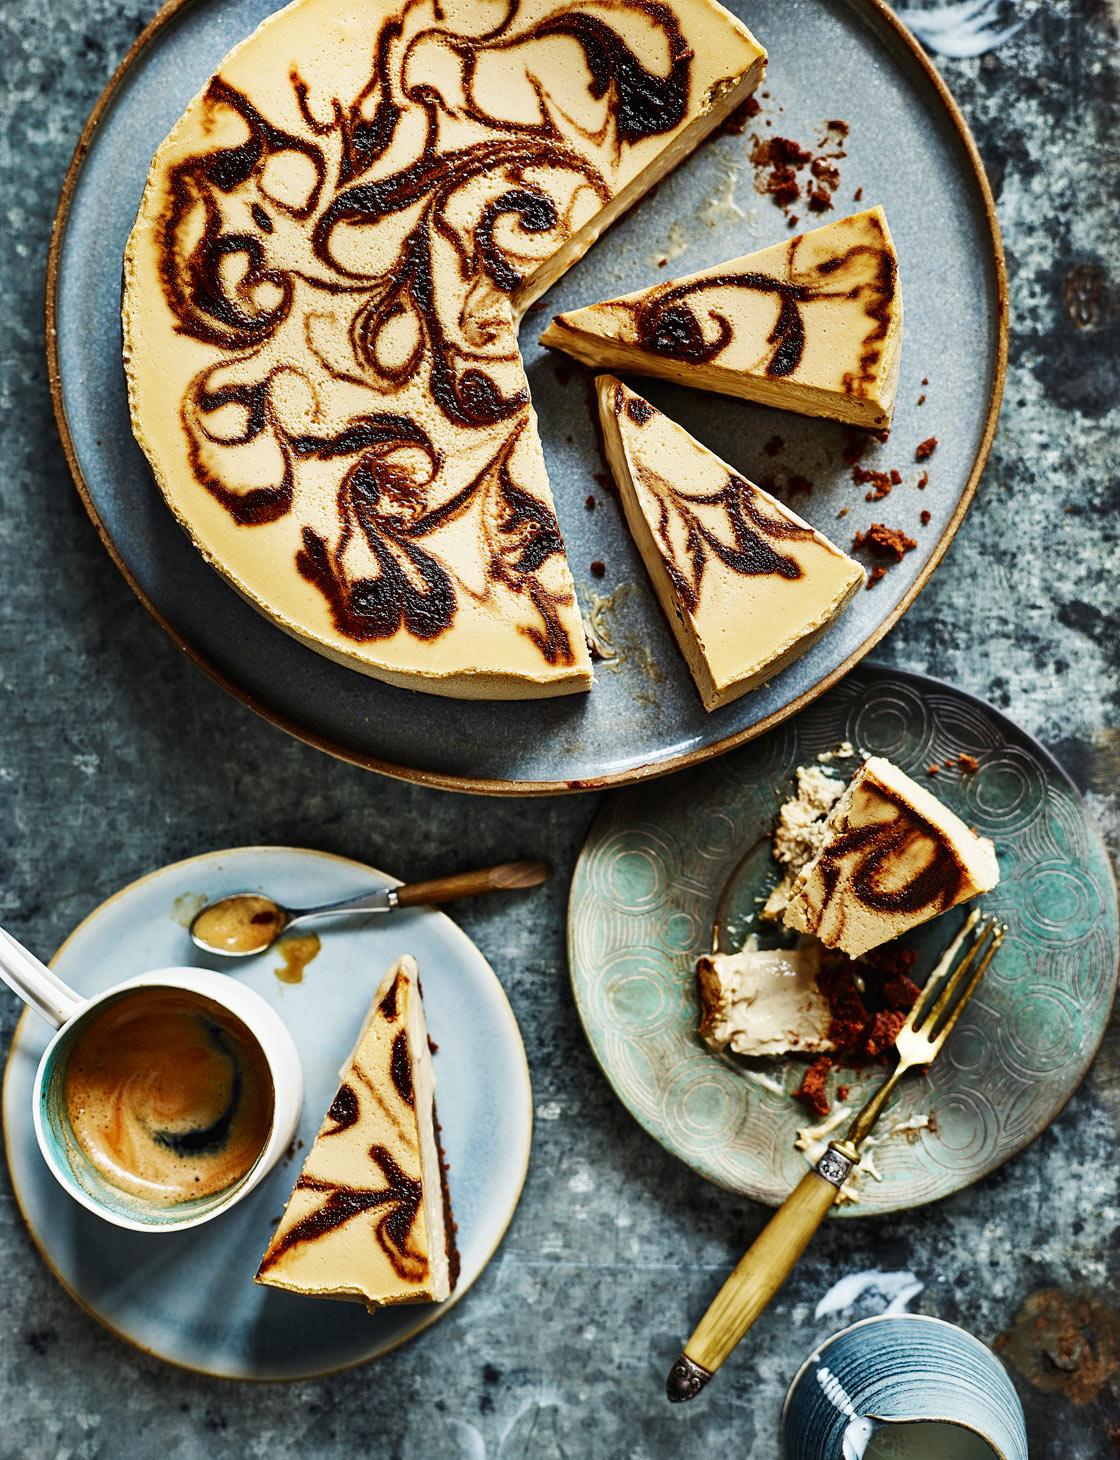 Coffee swirl cheesecake recipe   Sainsbury's Magazine